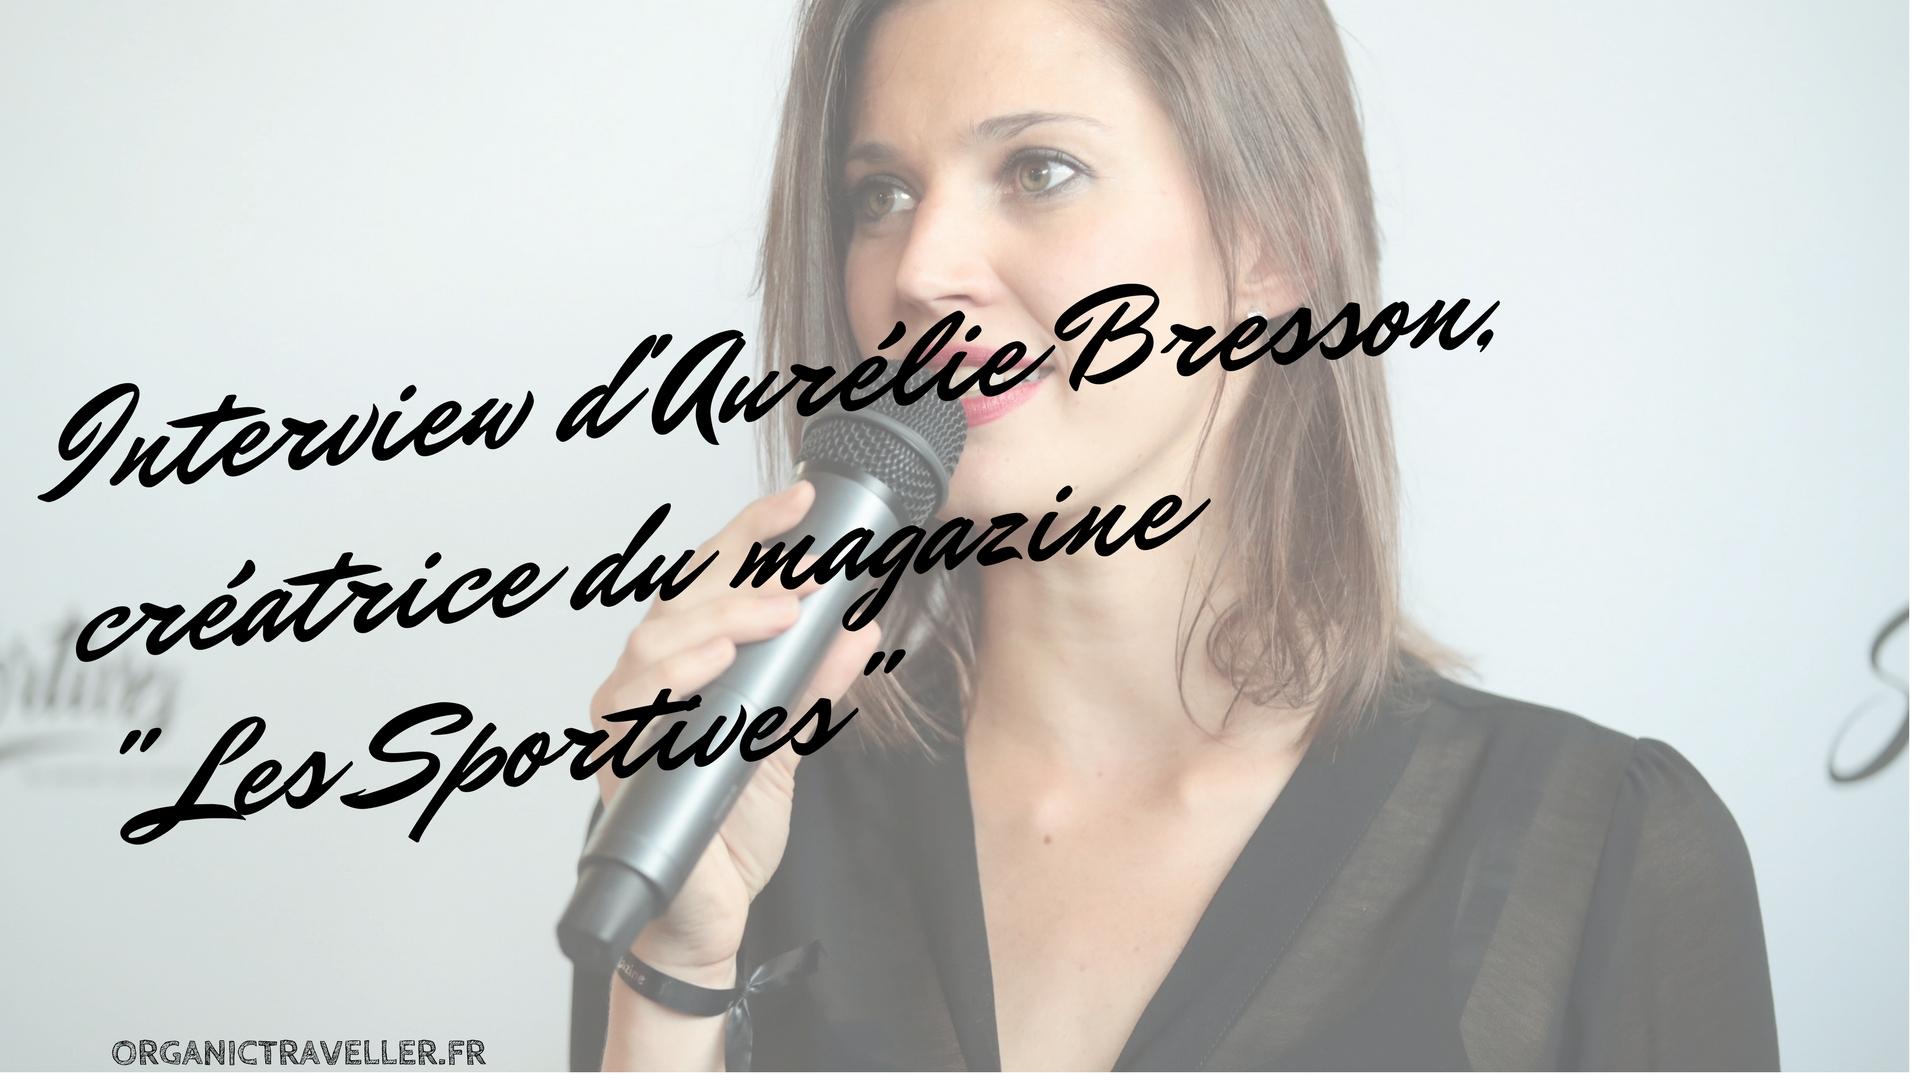 Aurélie Bresson